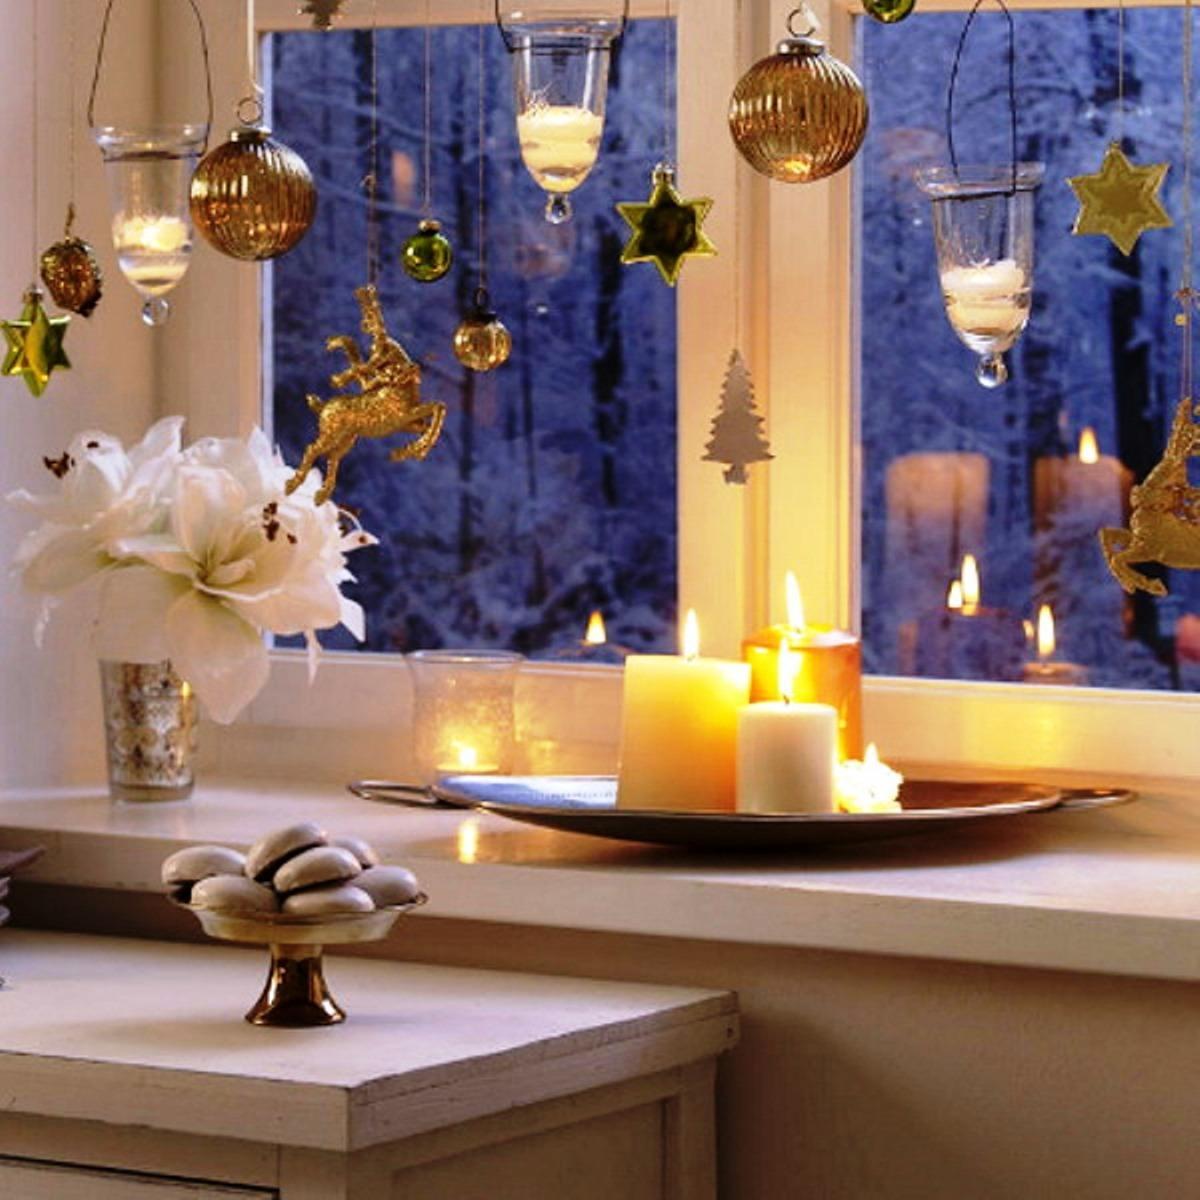 Фотографии как украсить дом к новому году